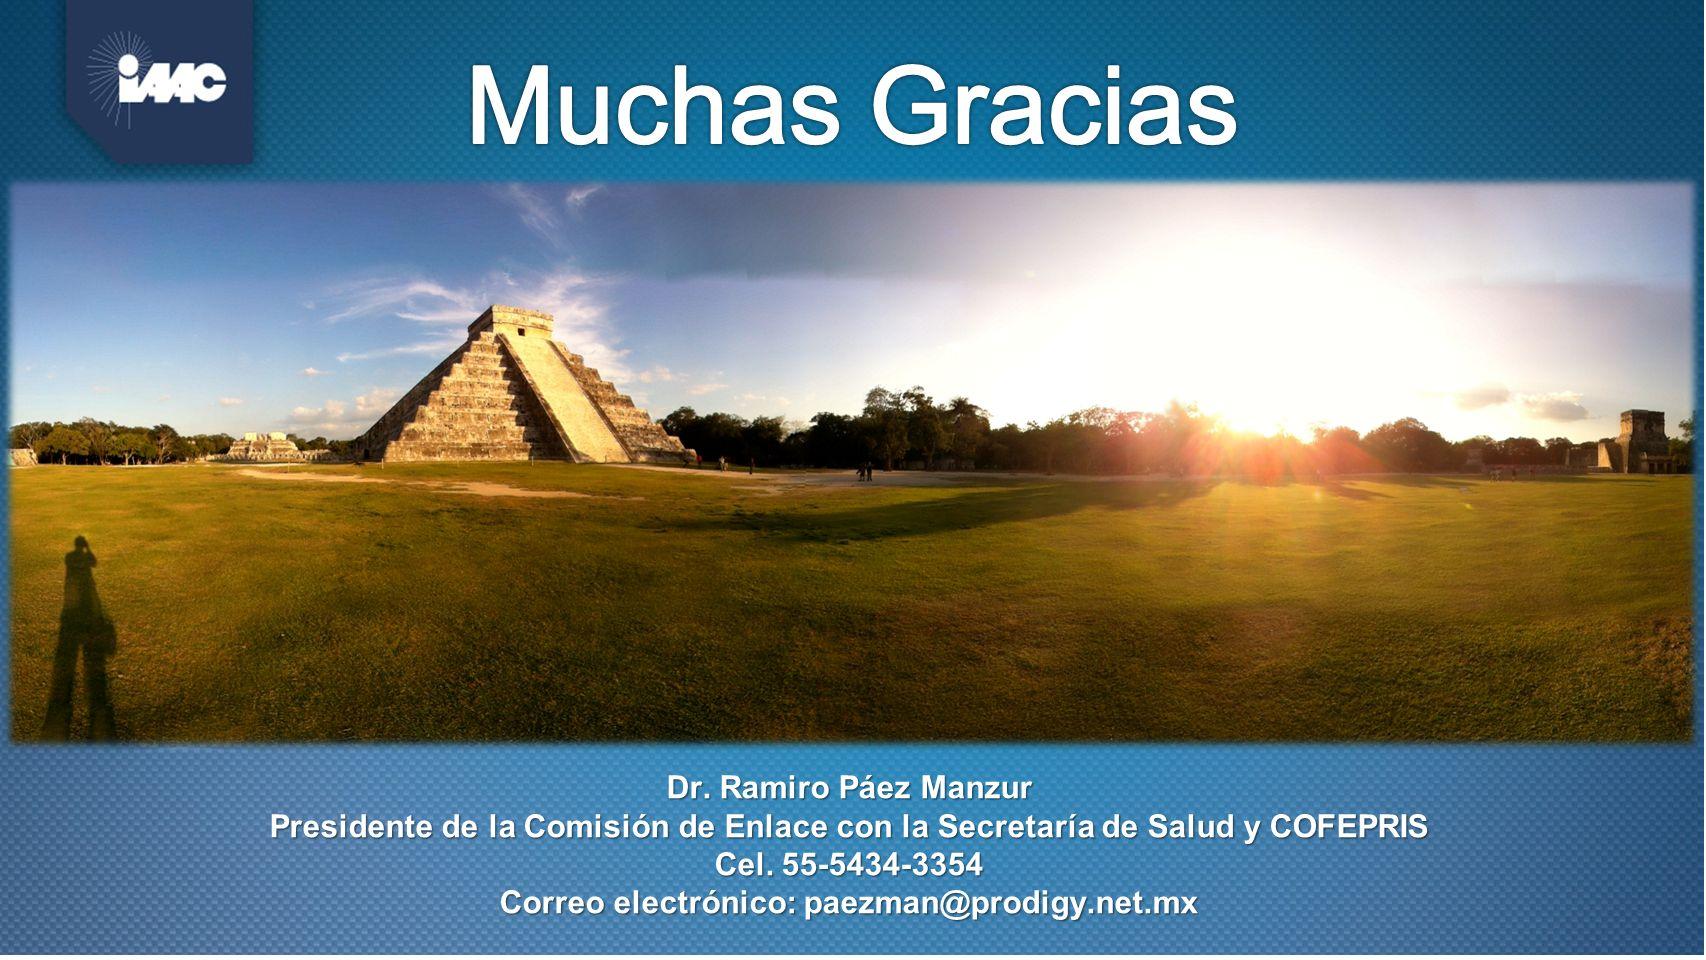 Dr. Ramiro Páez Manzur Presidente de la Comisión de Enlace con la Secretaría de Salud y COFEPRIS Cel. 55-5434-3354 Correo electrónico: paezman@prodigy